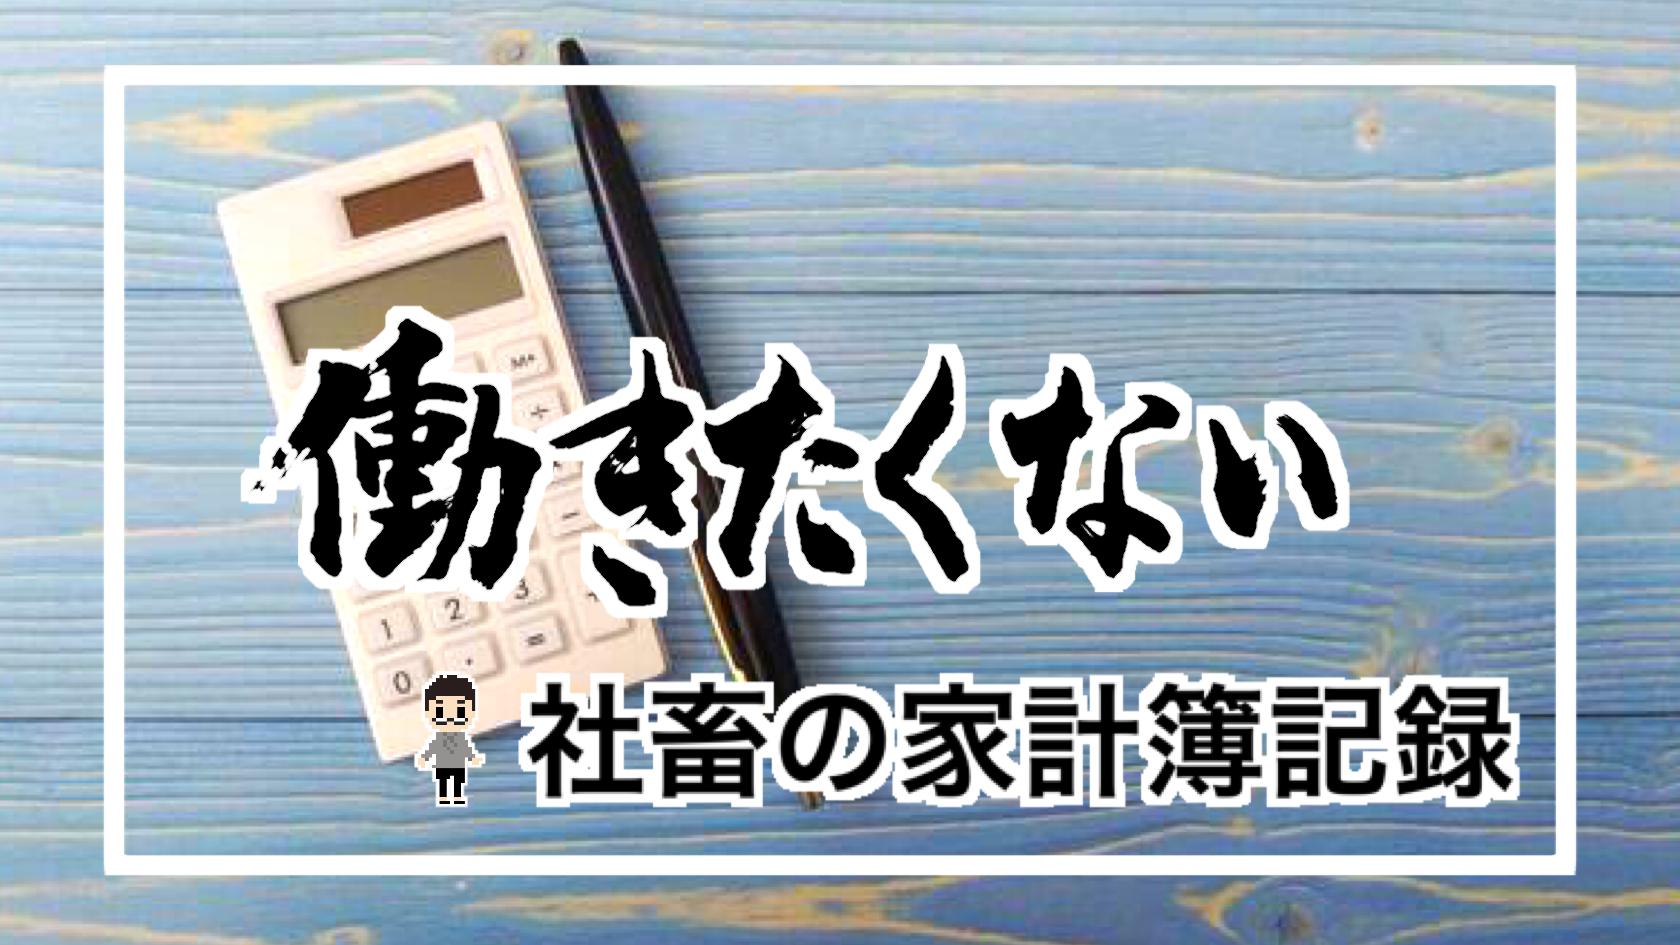 f:id:Hakurei:20210424124522p:plain